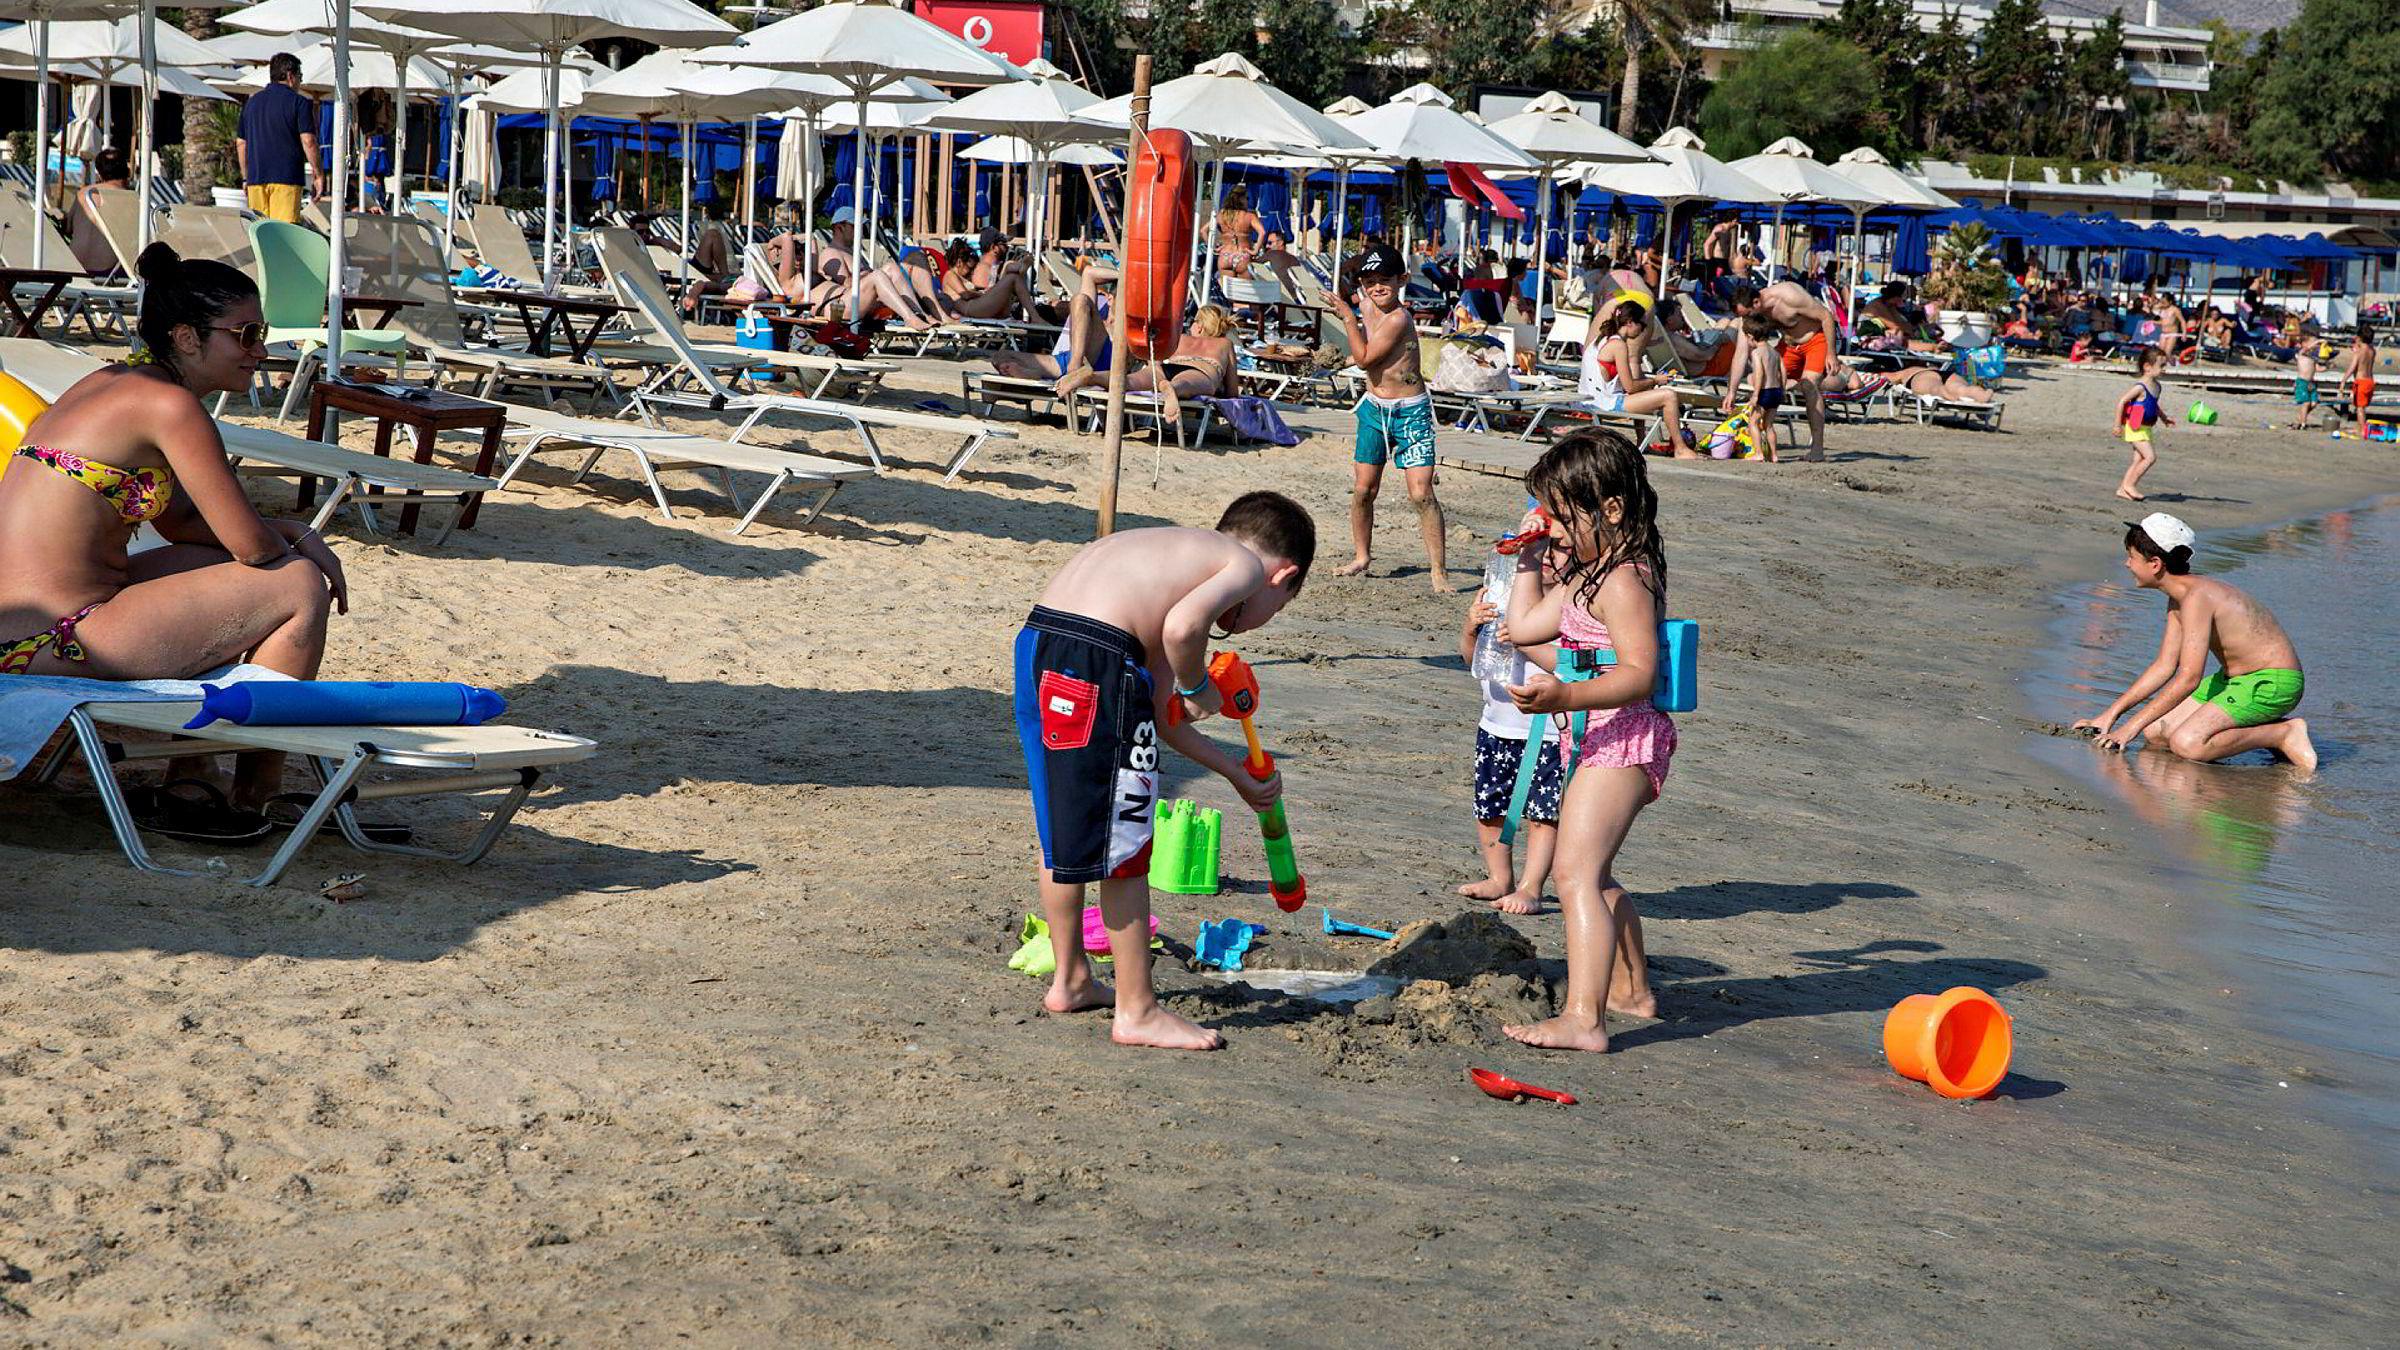 Presset fra hardt rammede reiselivsnæringer om åpning av grenser stiger daglig. Her fra Lagonisa, Hellas.